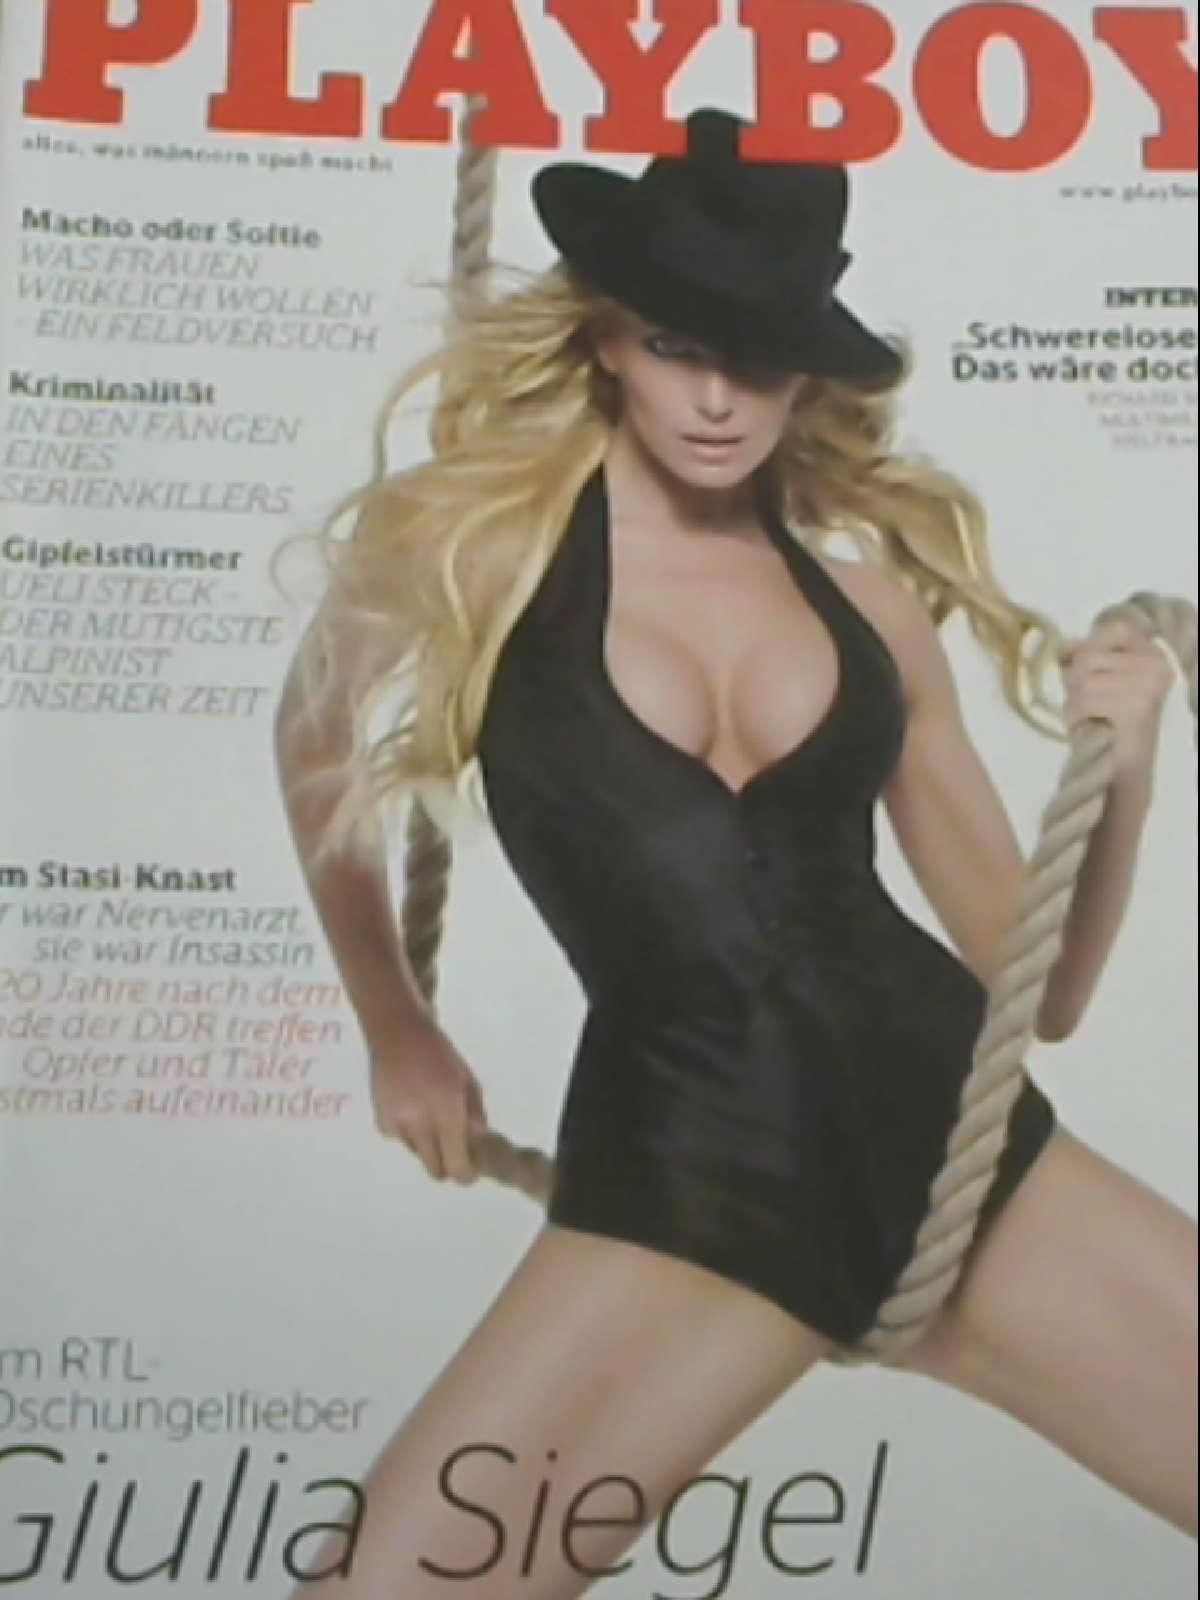 Playboy Nr. 02/2009 Im RTL-Dschungelfieber Guilia Siegel